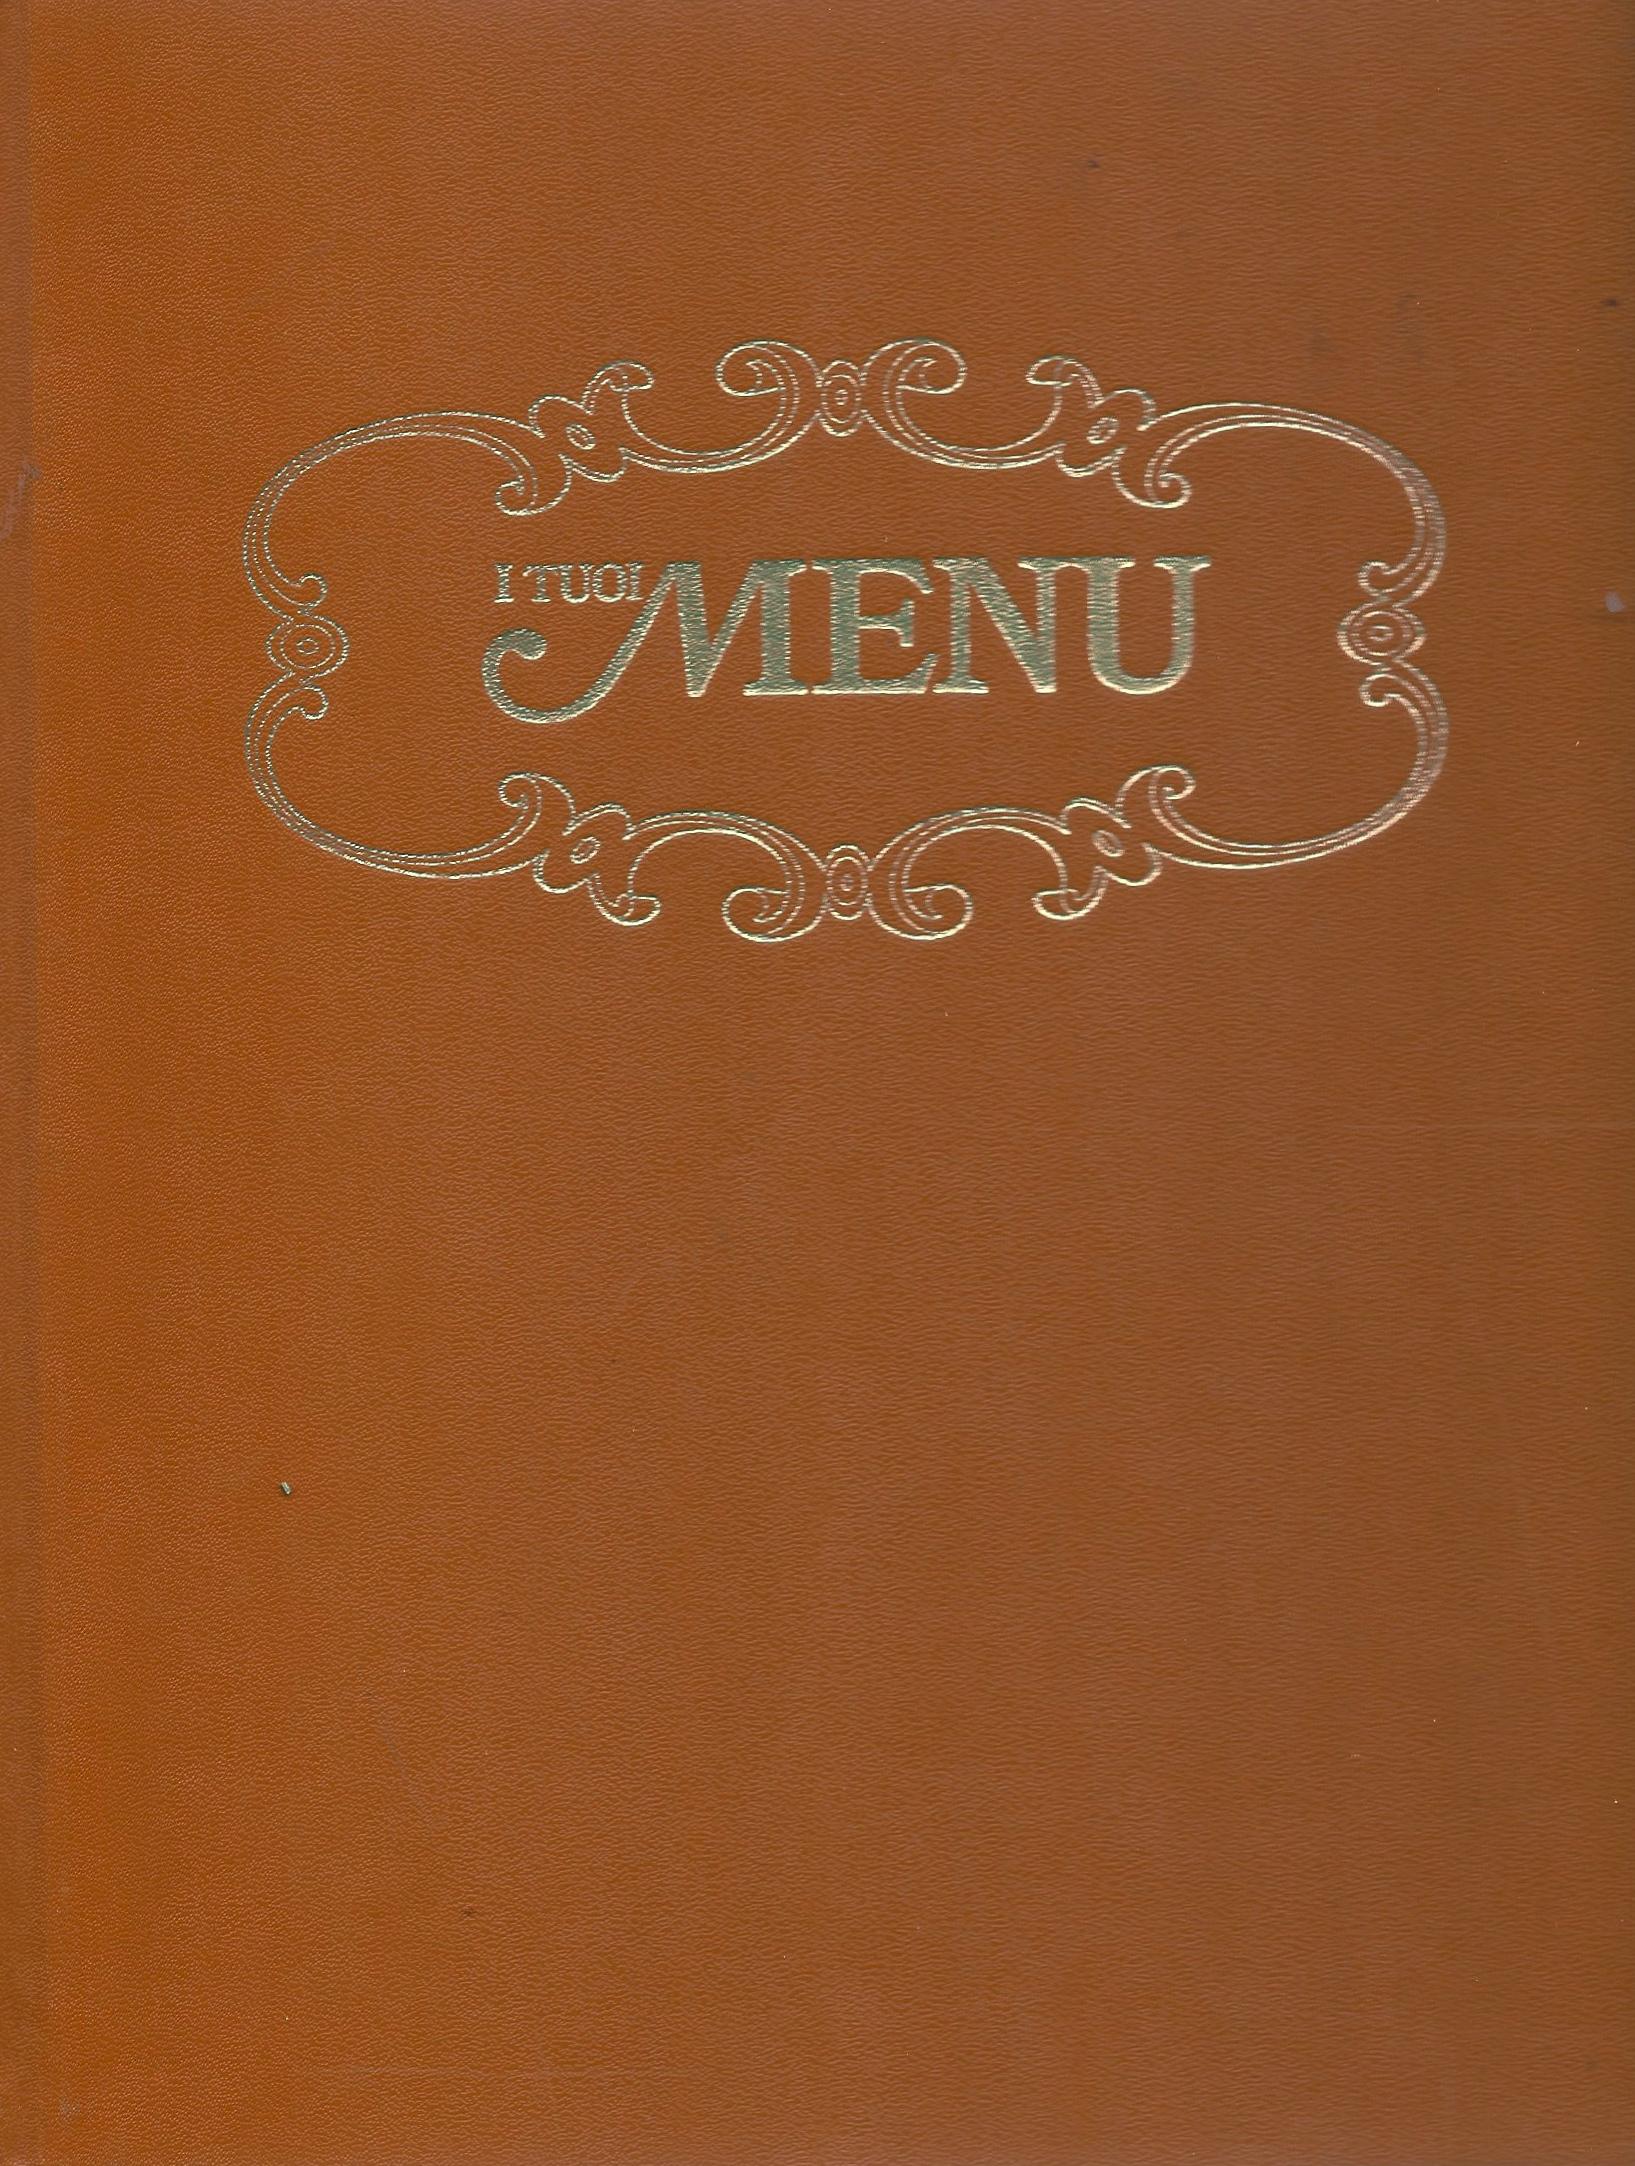 I tuoi menu - vol 12